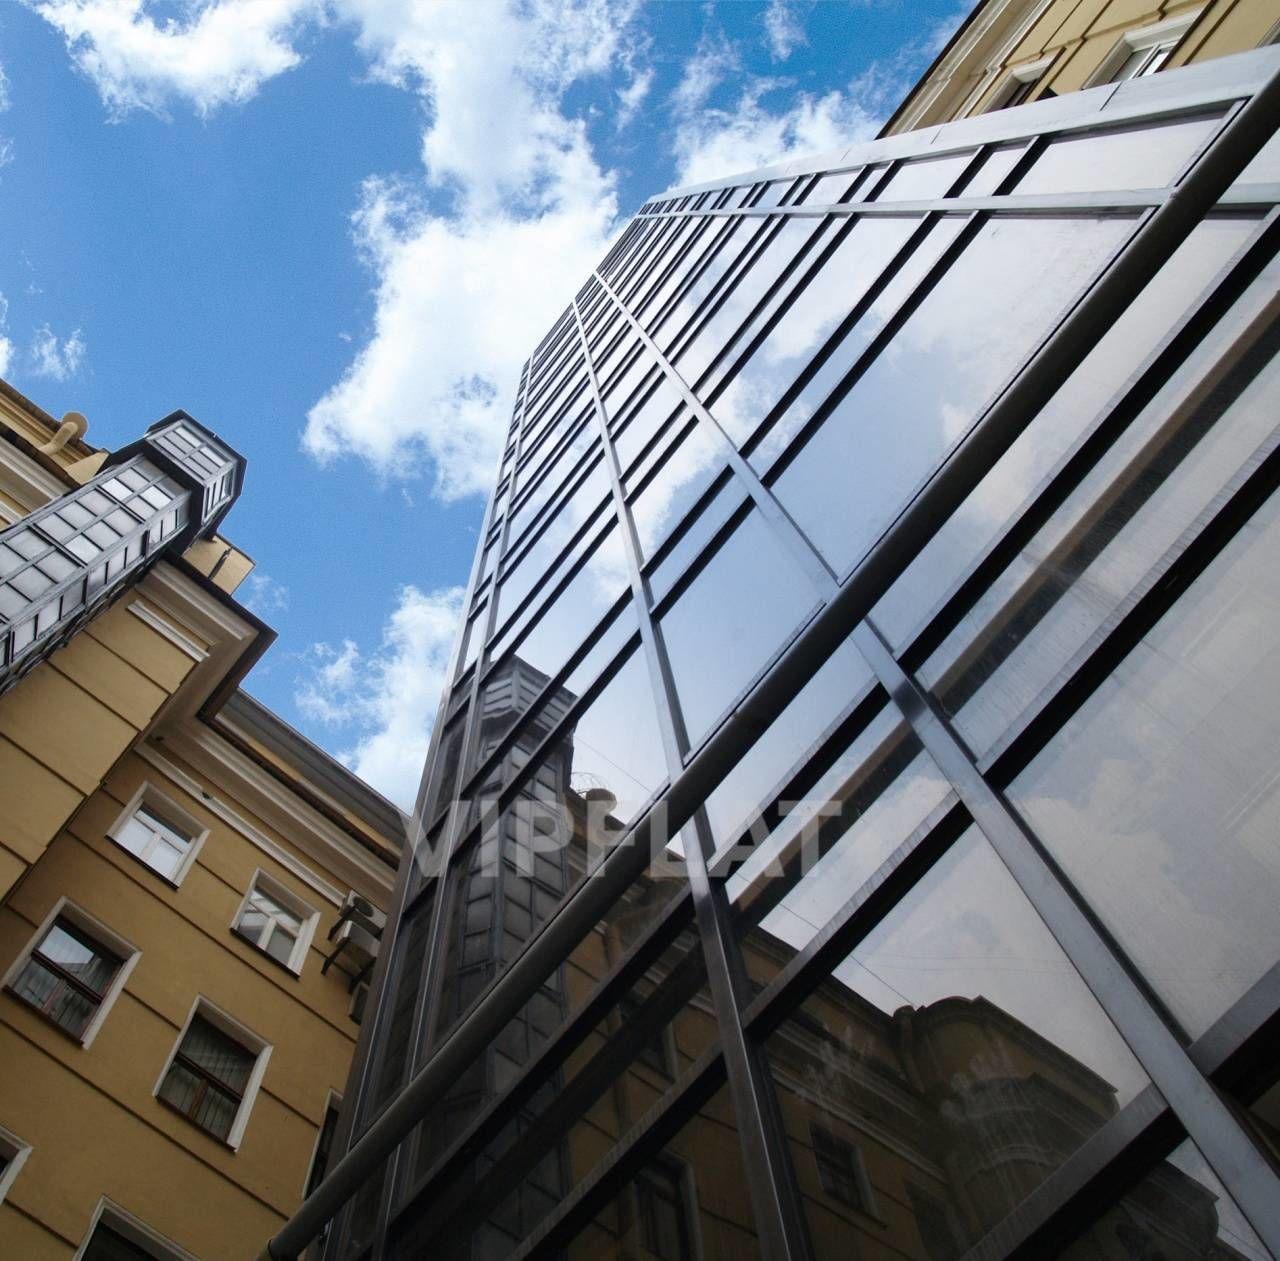 Продажа элитных квартир Санкт-Петербурга. Смольный пр., 6 Новый индивидуальный лифт с ключем